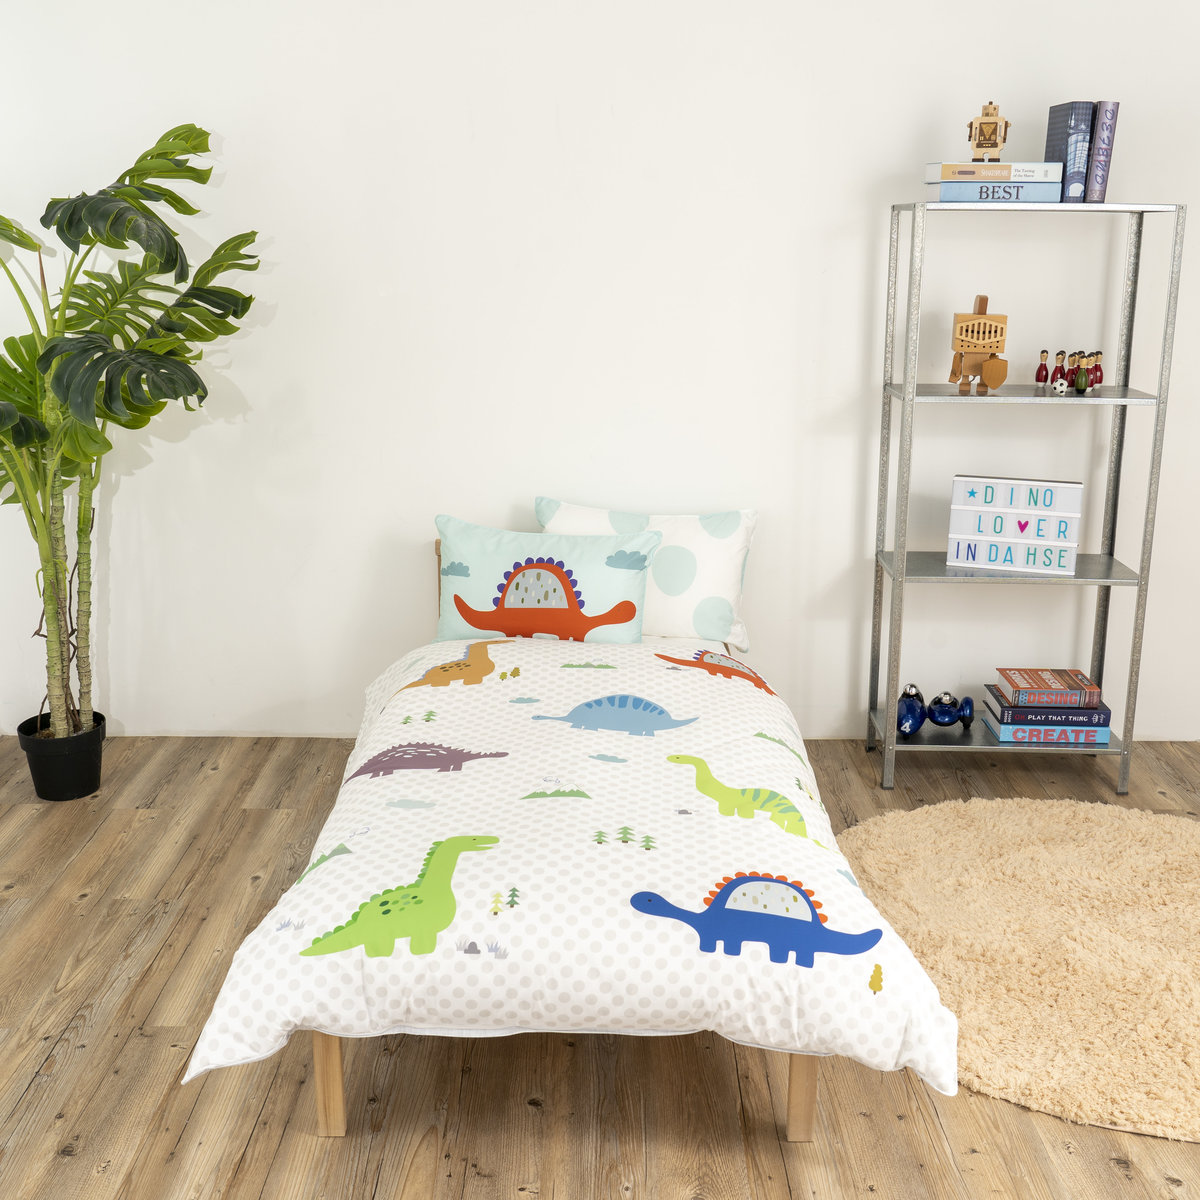 韓國製造摘夢園防塵蟎抗敏兒童床四季被套枕袋套裝 - 恐龍